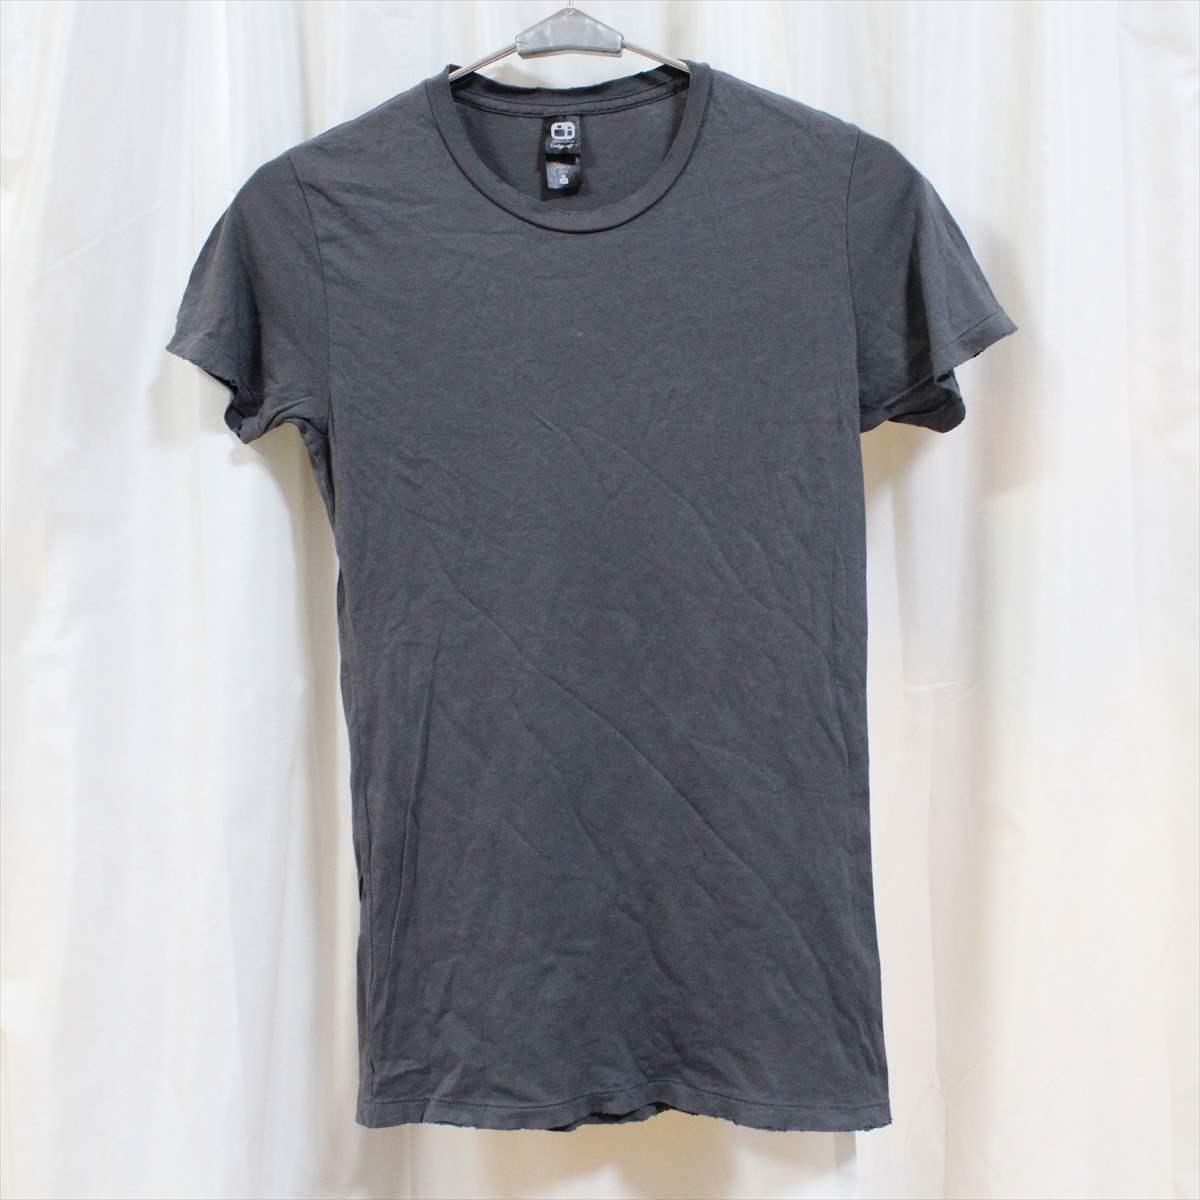 オルタナティブ アパレル alternative apparel レディース半袖Tシャツ チャコール Mサイズ 新品 vintage soft アメリカ製_画像1